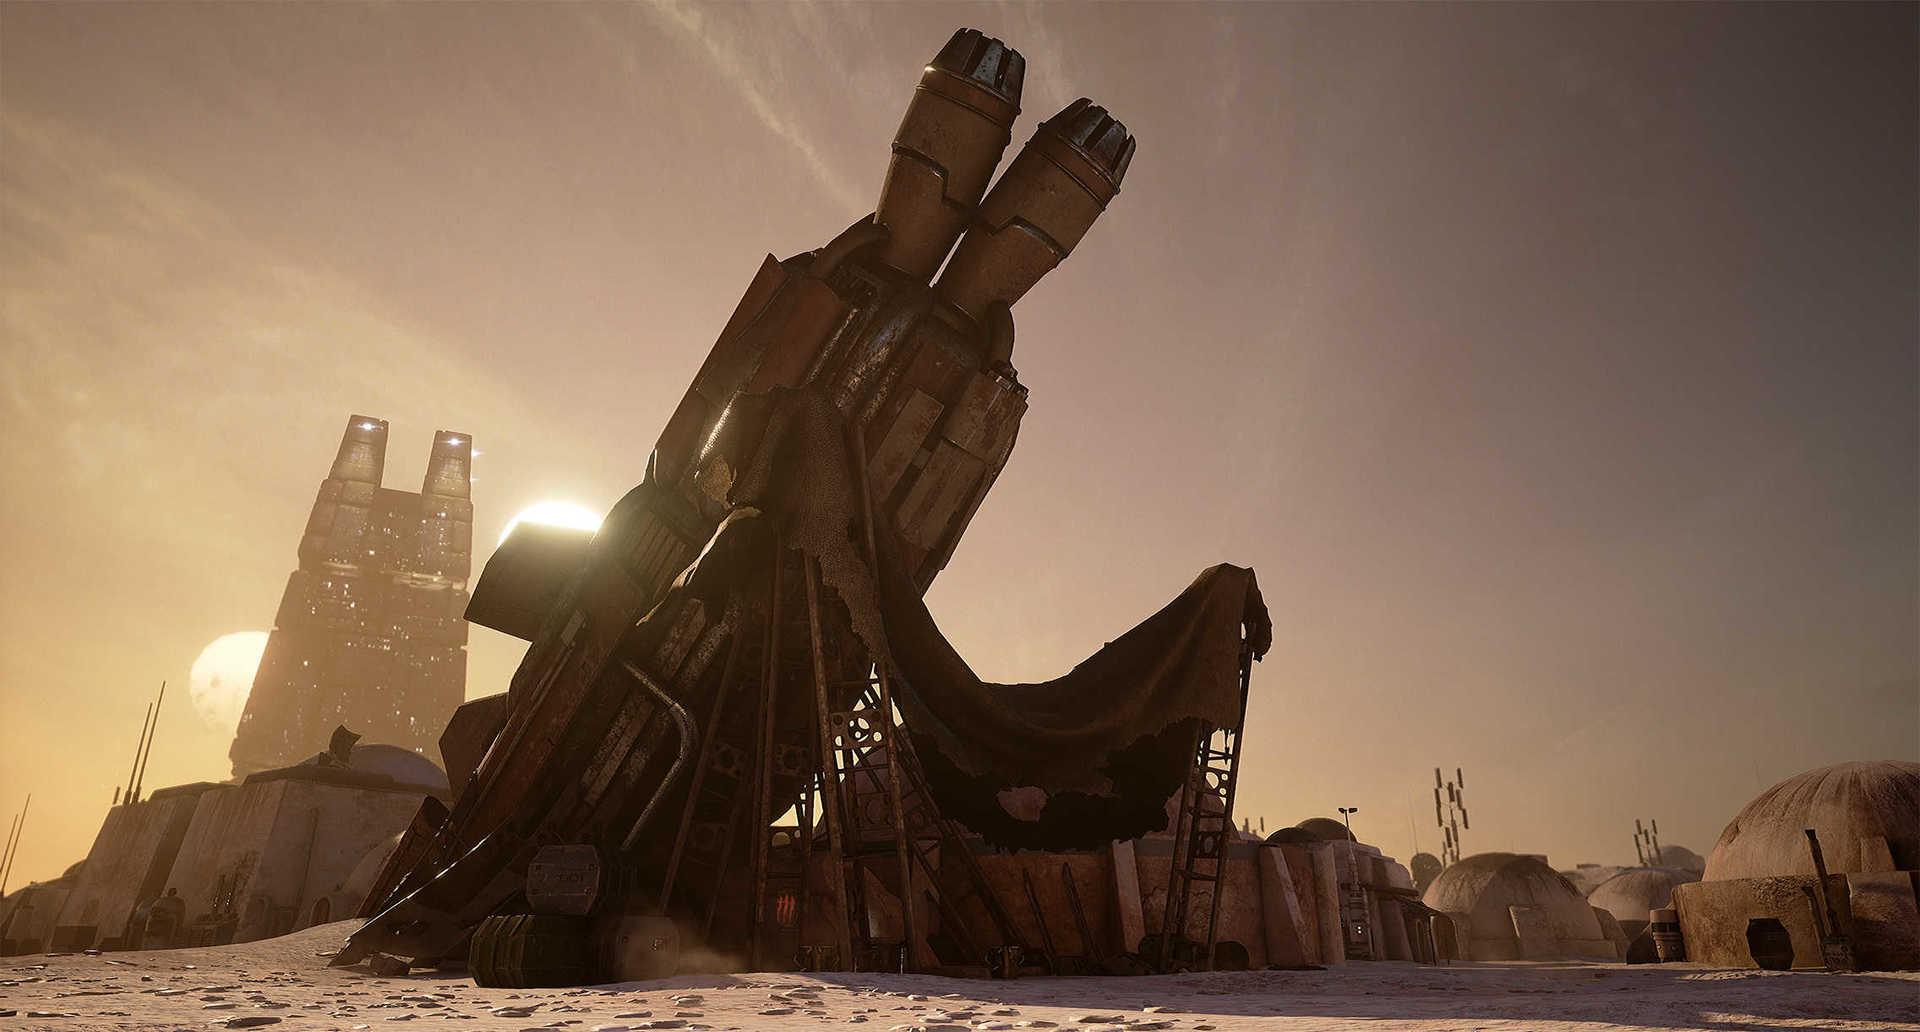 Создание сцены из Star Wars в Unreal Engine 4 - 11